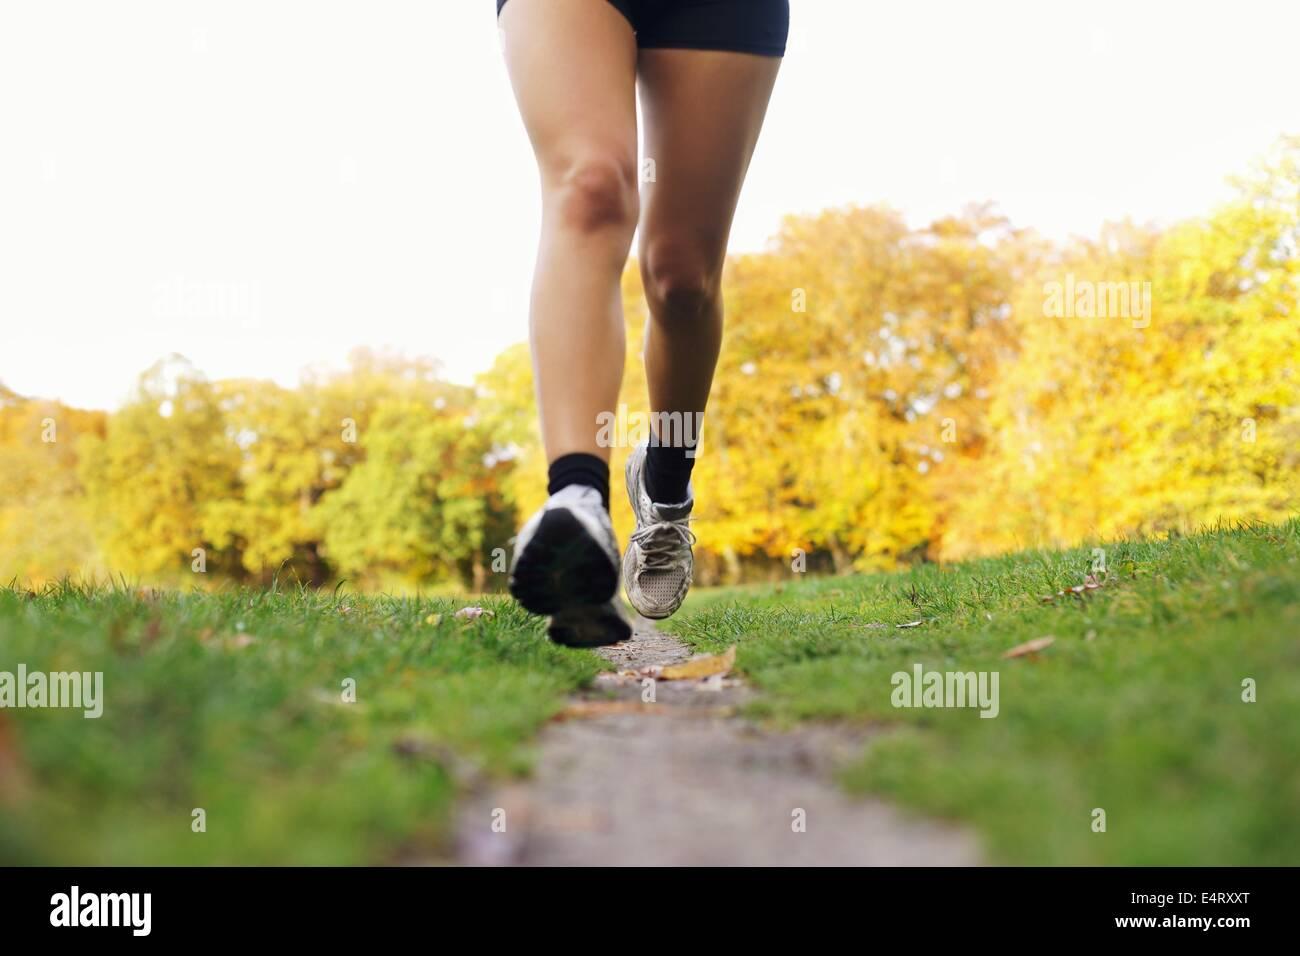 Cerca de los pies de un corredor corriendo en el parque. Mujer formación de fitness. Piernas femeninas trotar Imagen De Stock